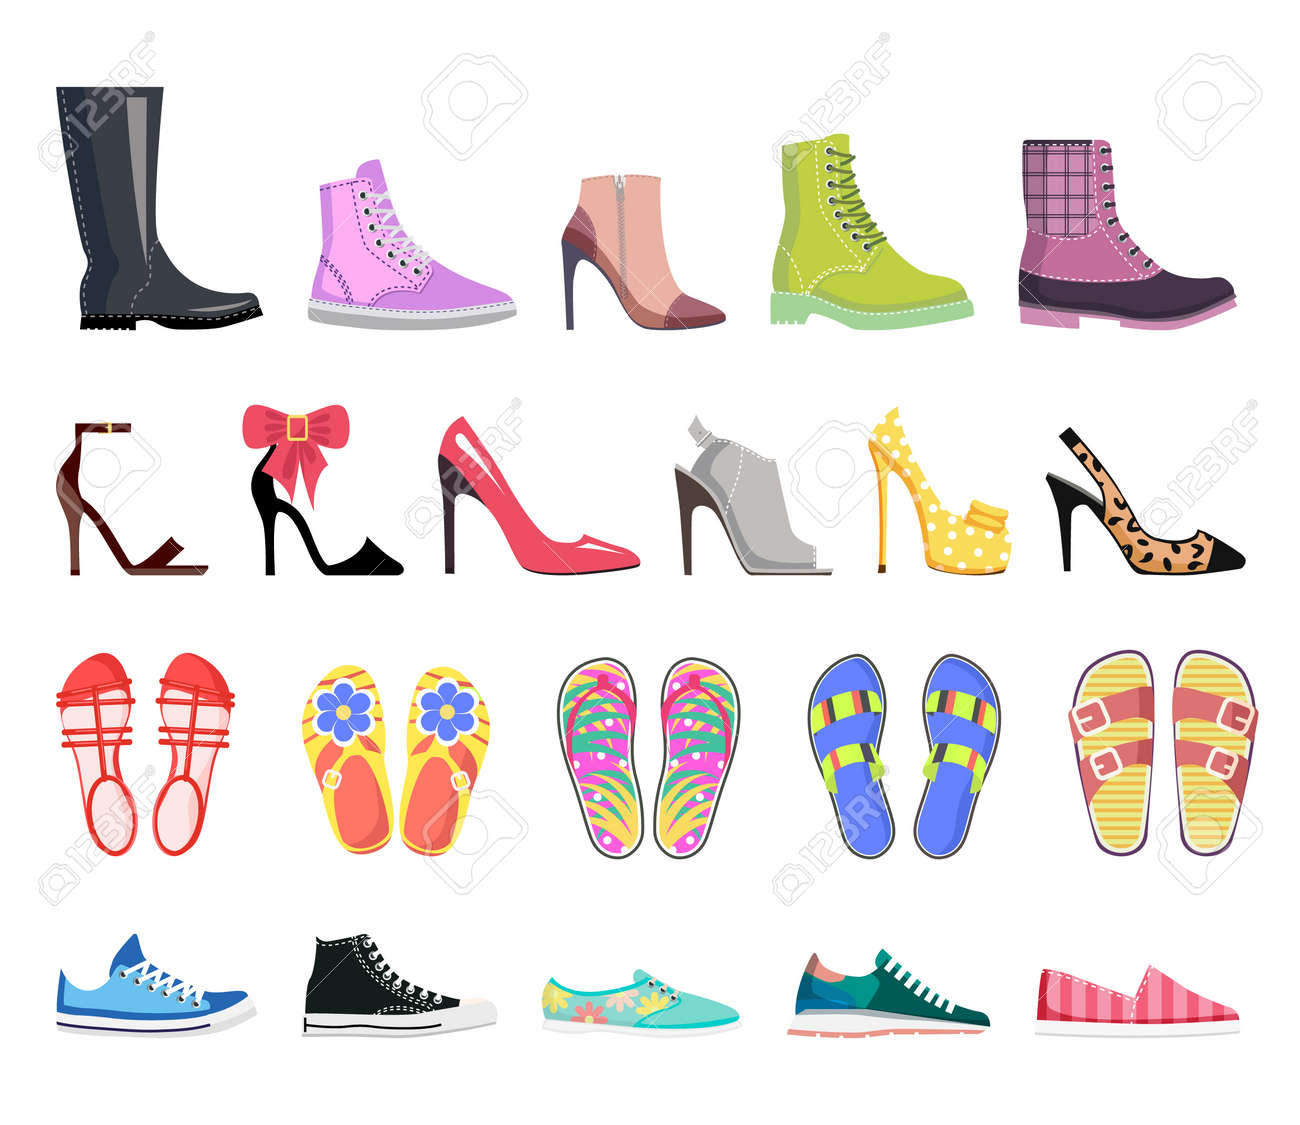 Ilustraciones Colección Moderna Zapatos Tipos De Mujer Calzado OYPHq